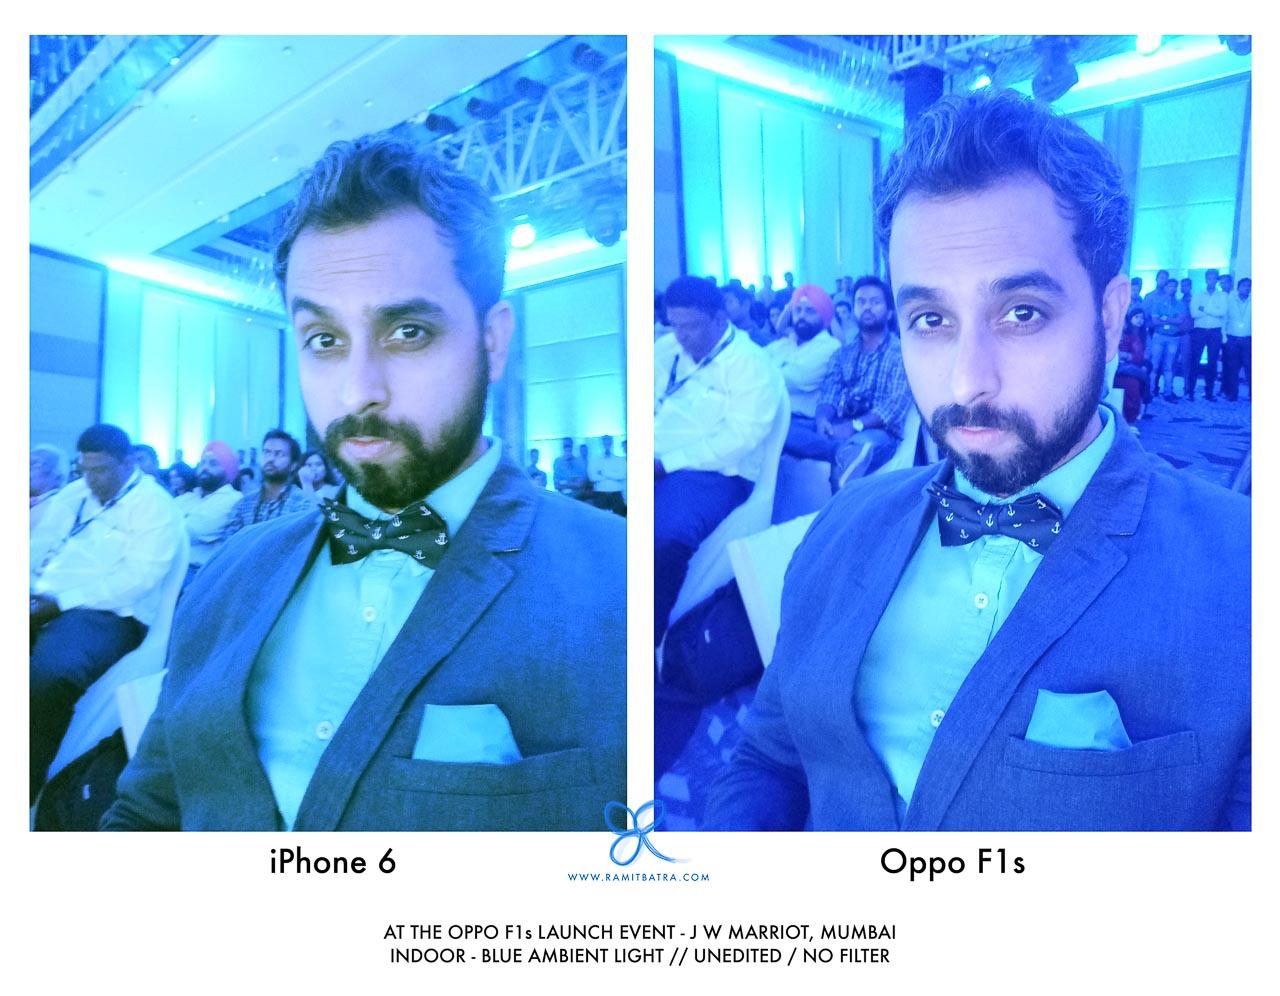 Oppo-F1s-SelfieExpert-RamitBatra-C01